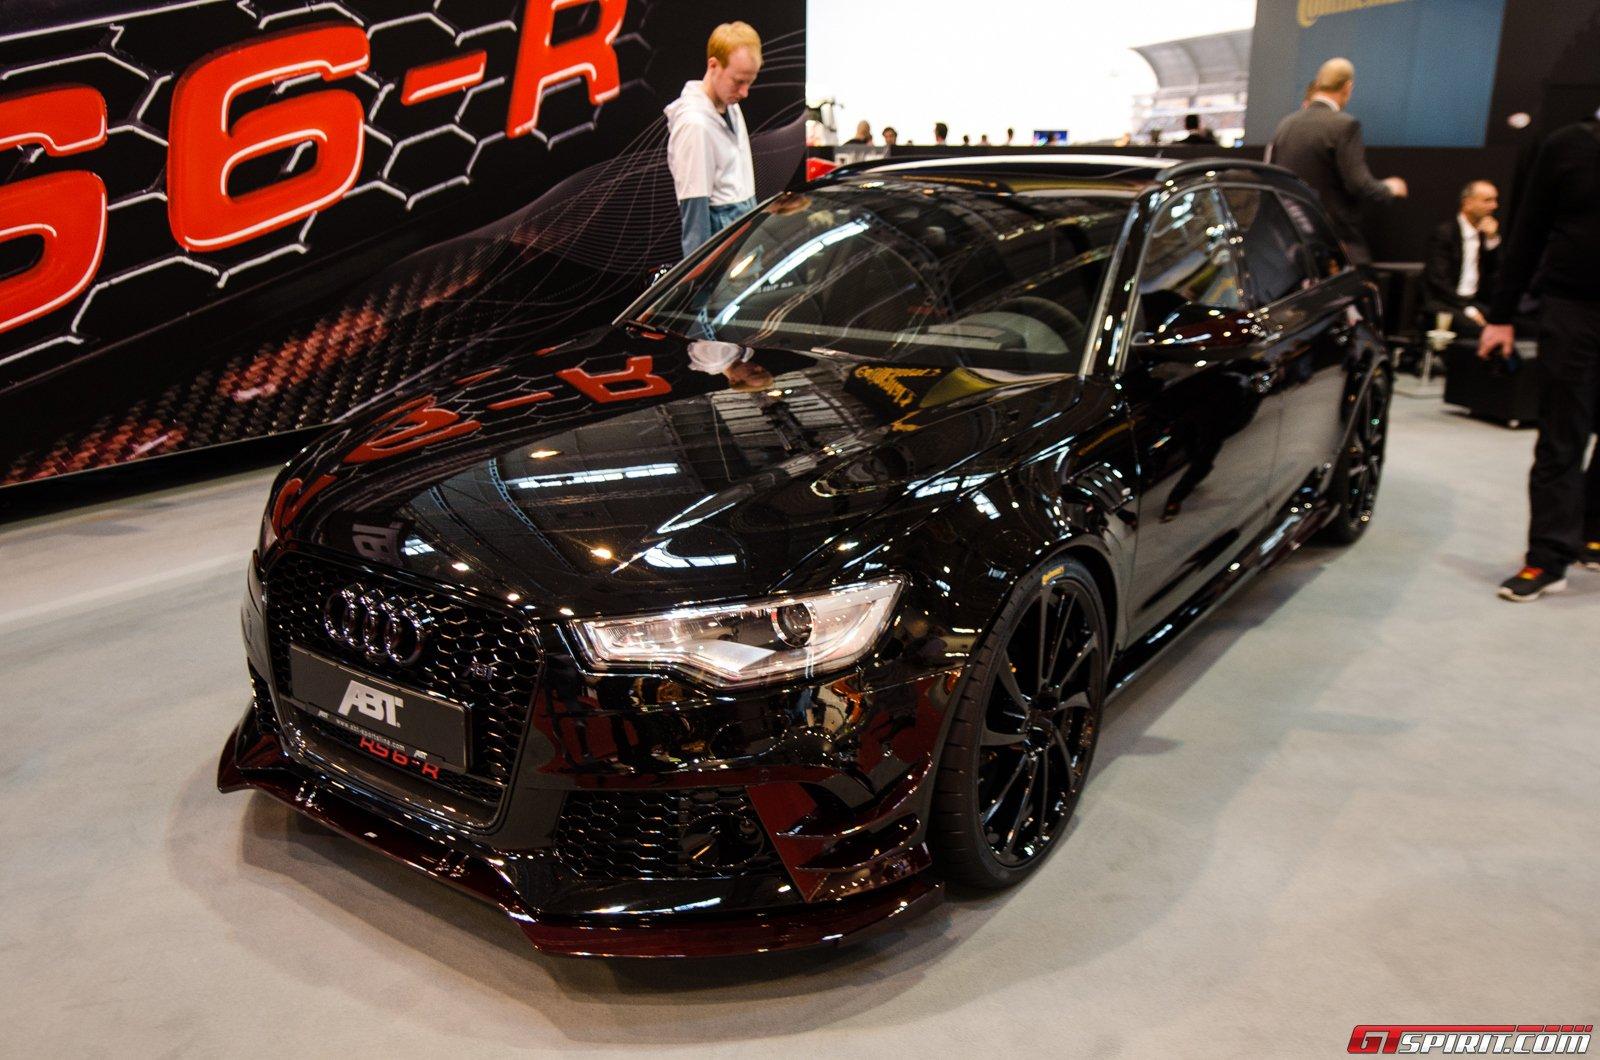 ABT Sportsline at the Essen Motor Show 2014 - GTspirit